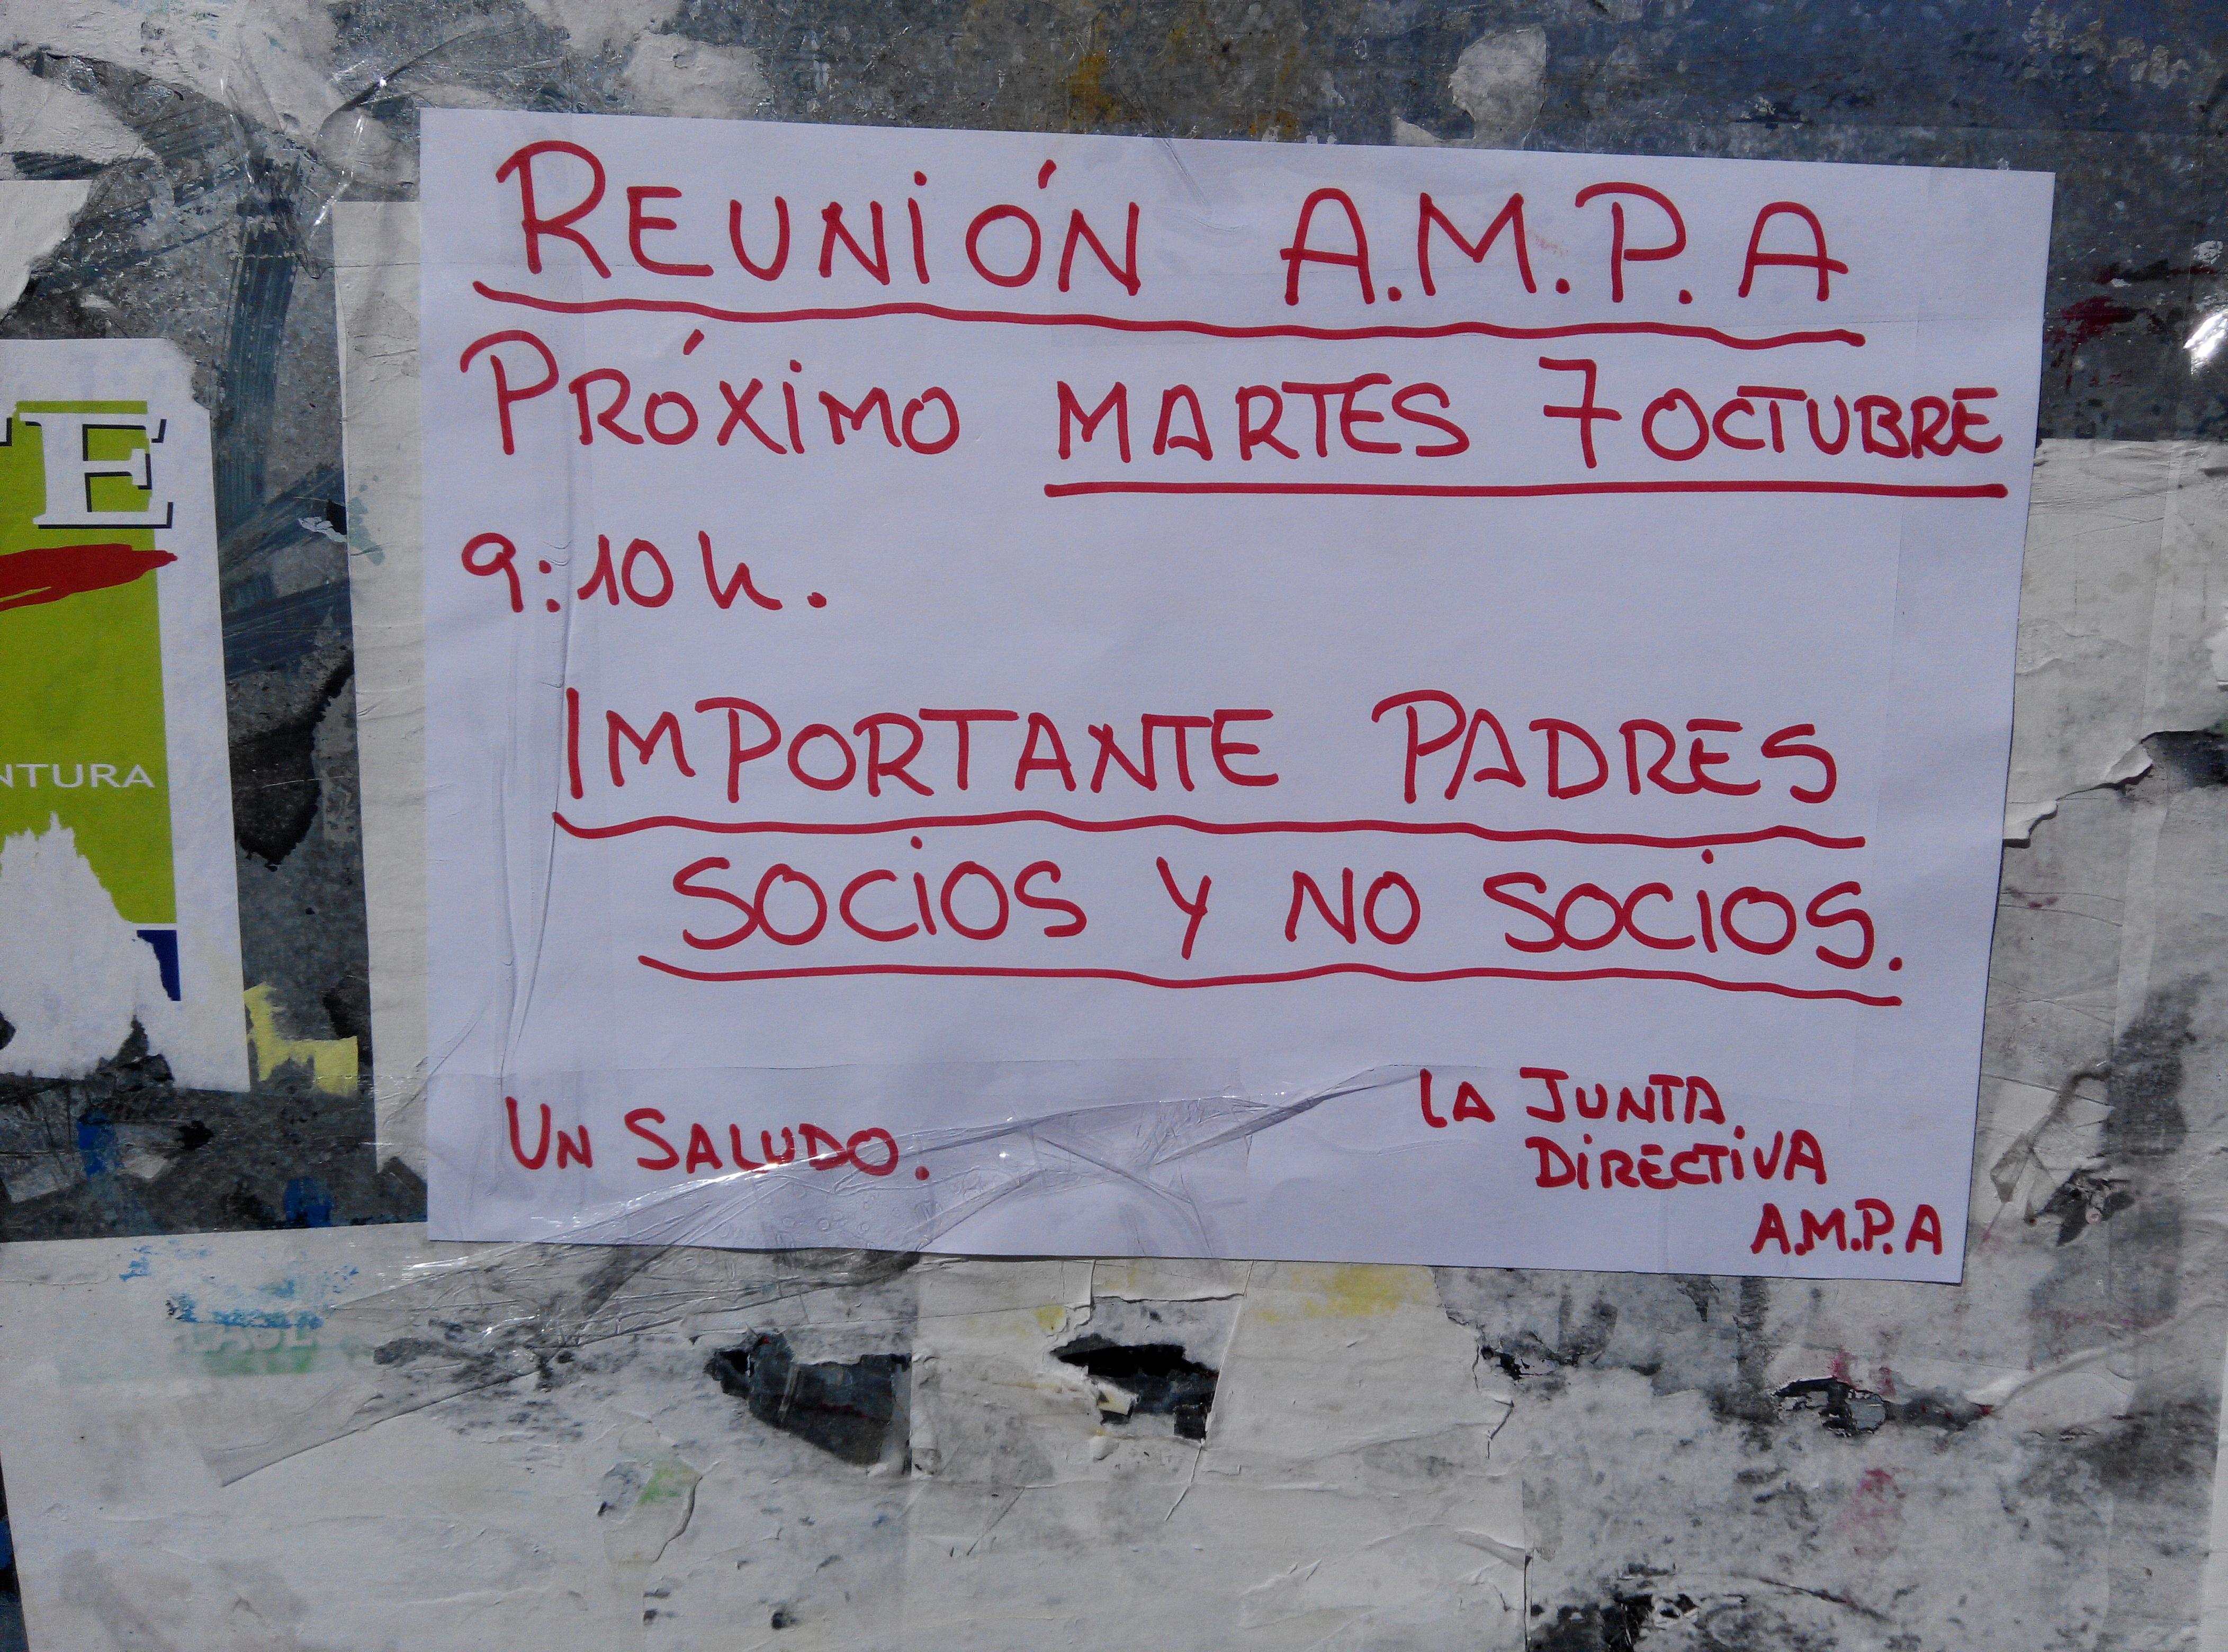 Próxima reunión AMPA